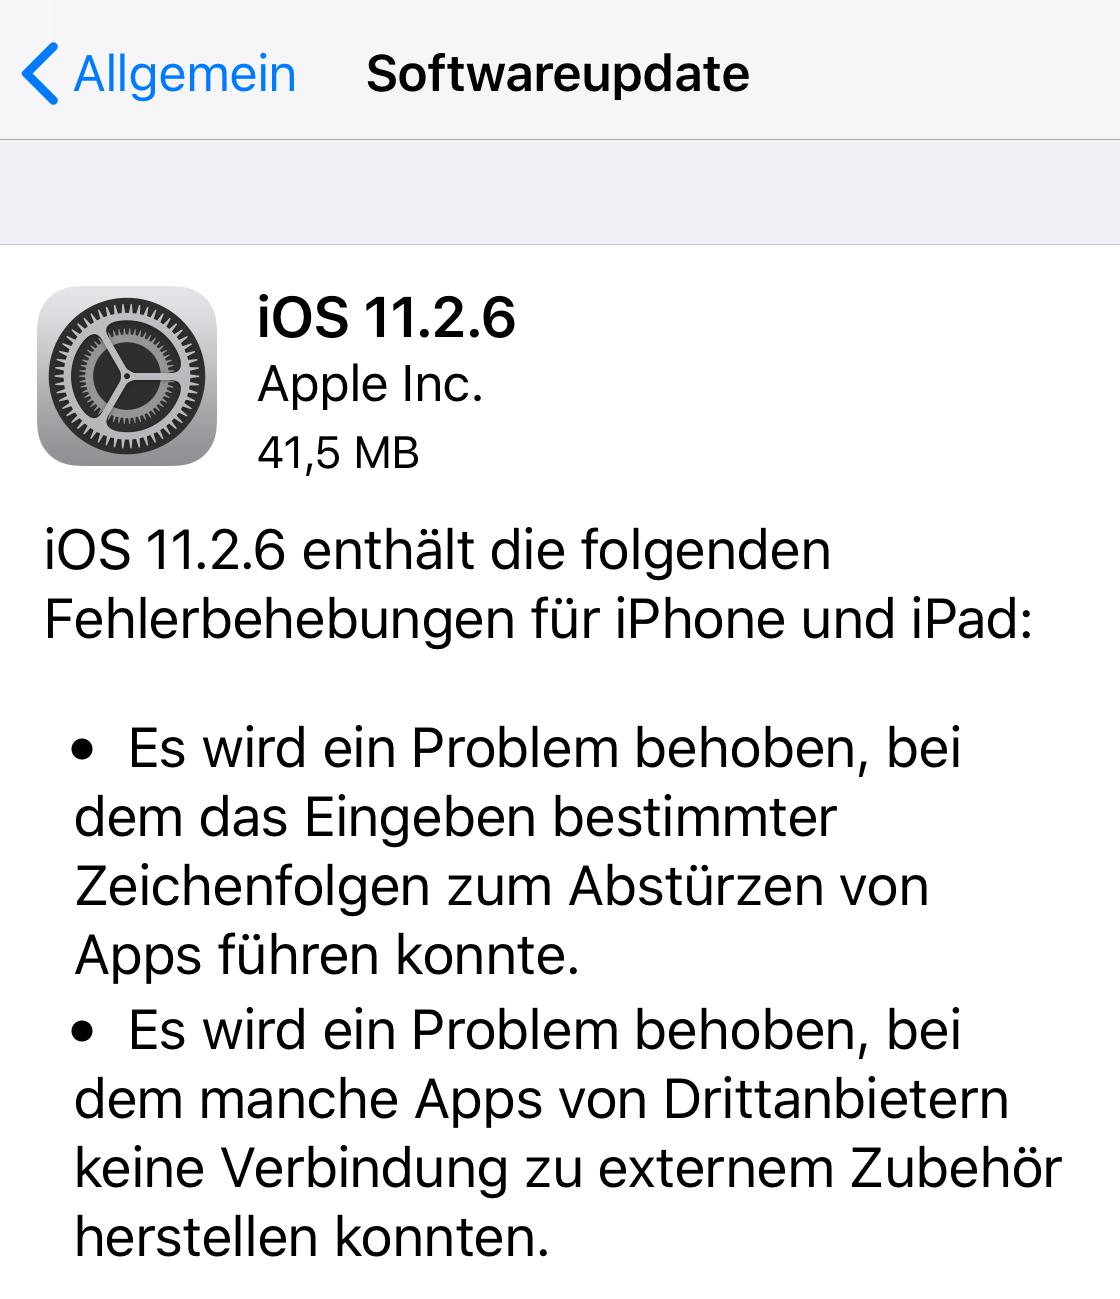 iOS 11.2.6 installiert